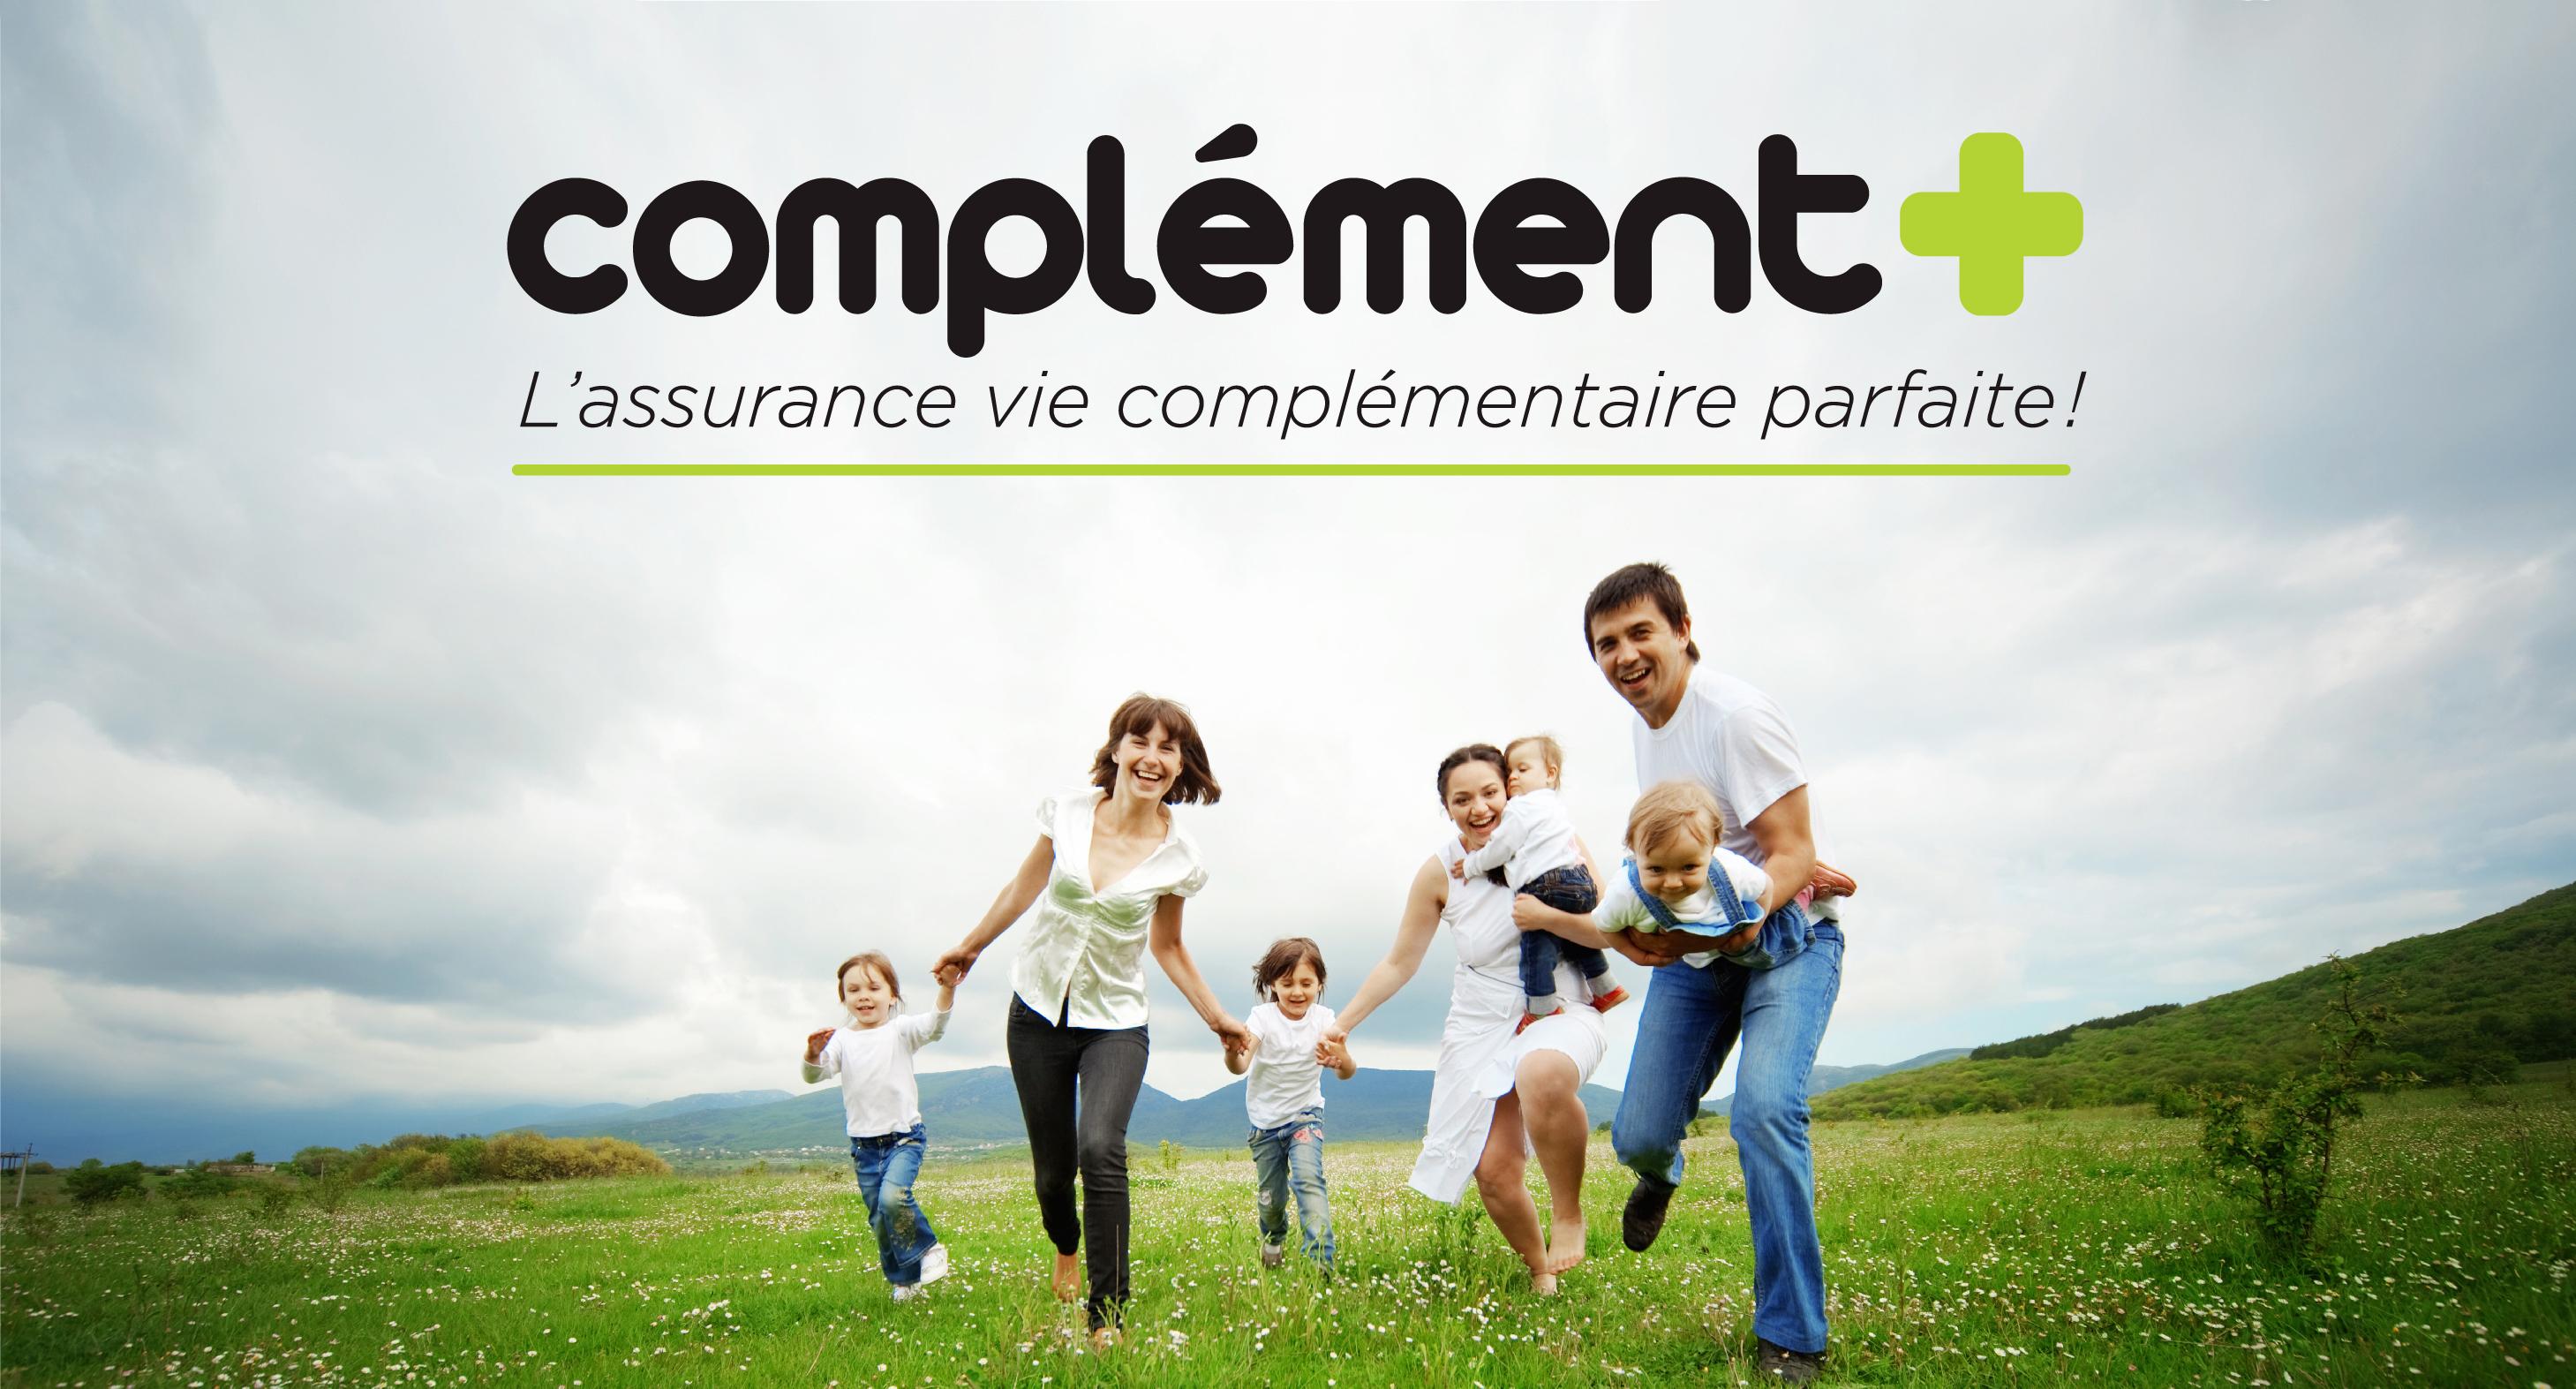 Assurance vie complément+